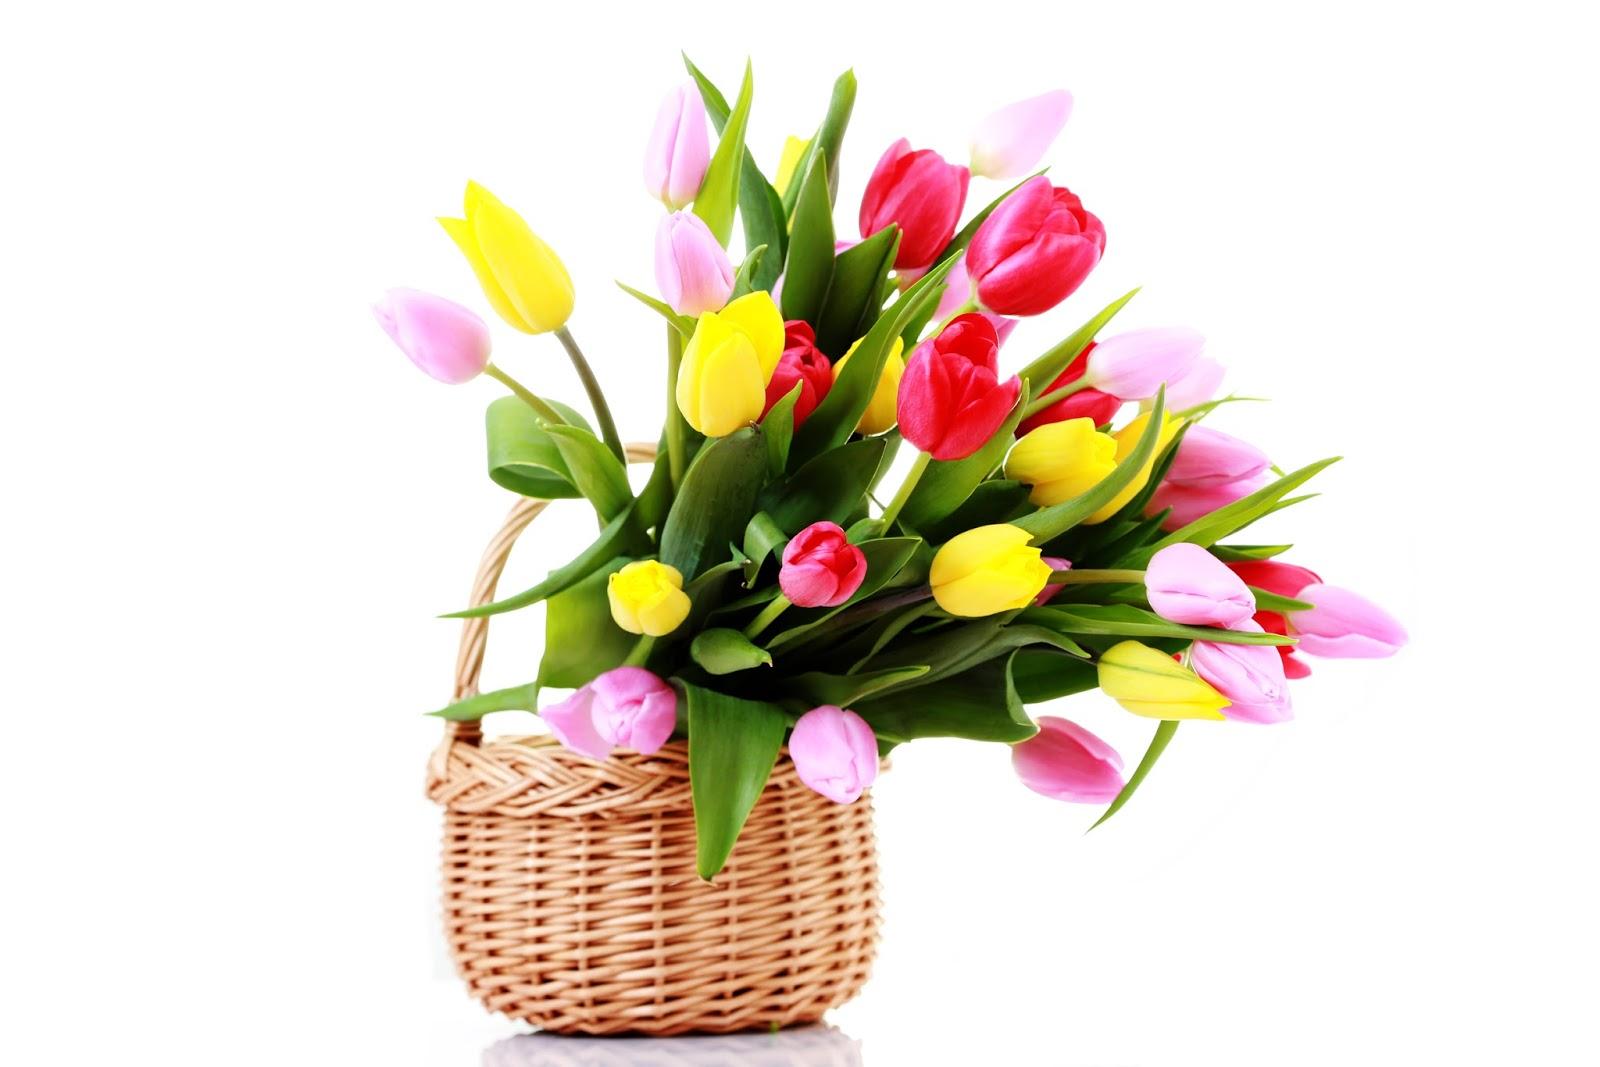 fotos gratis de rosas tulipanes y arreglos florales